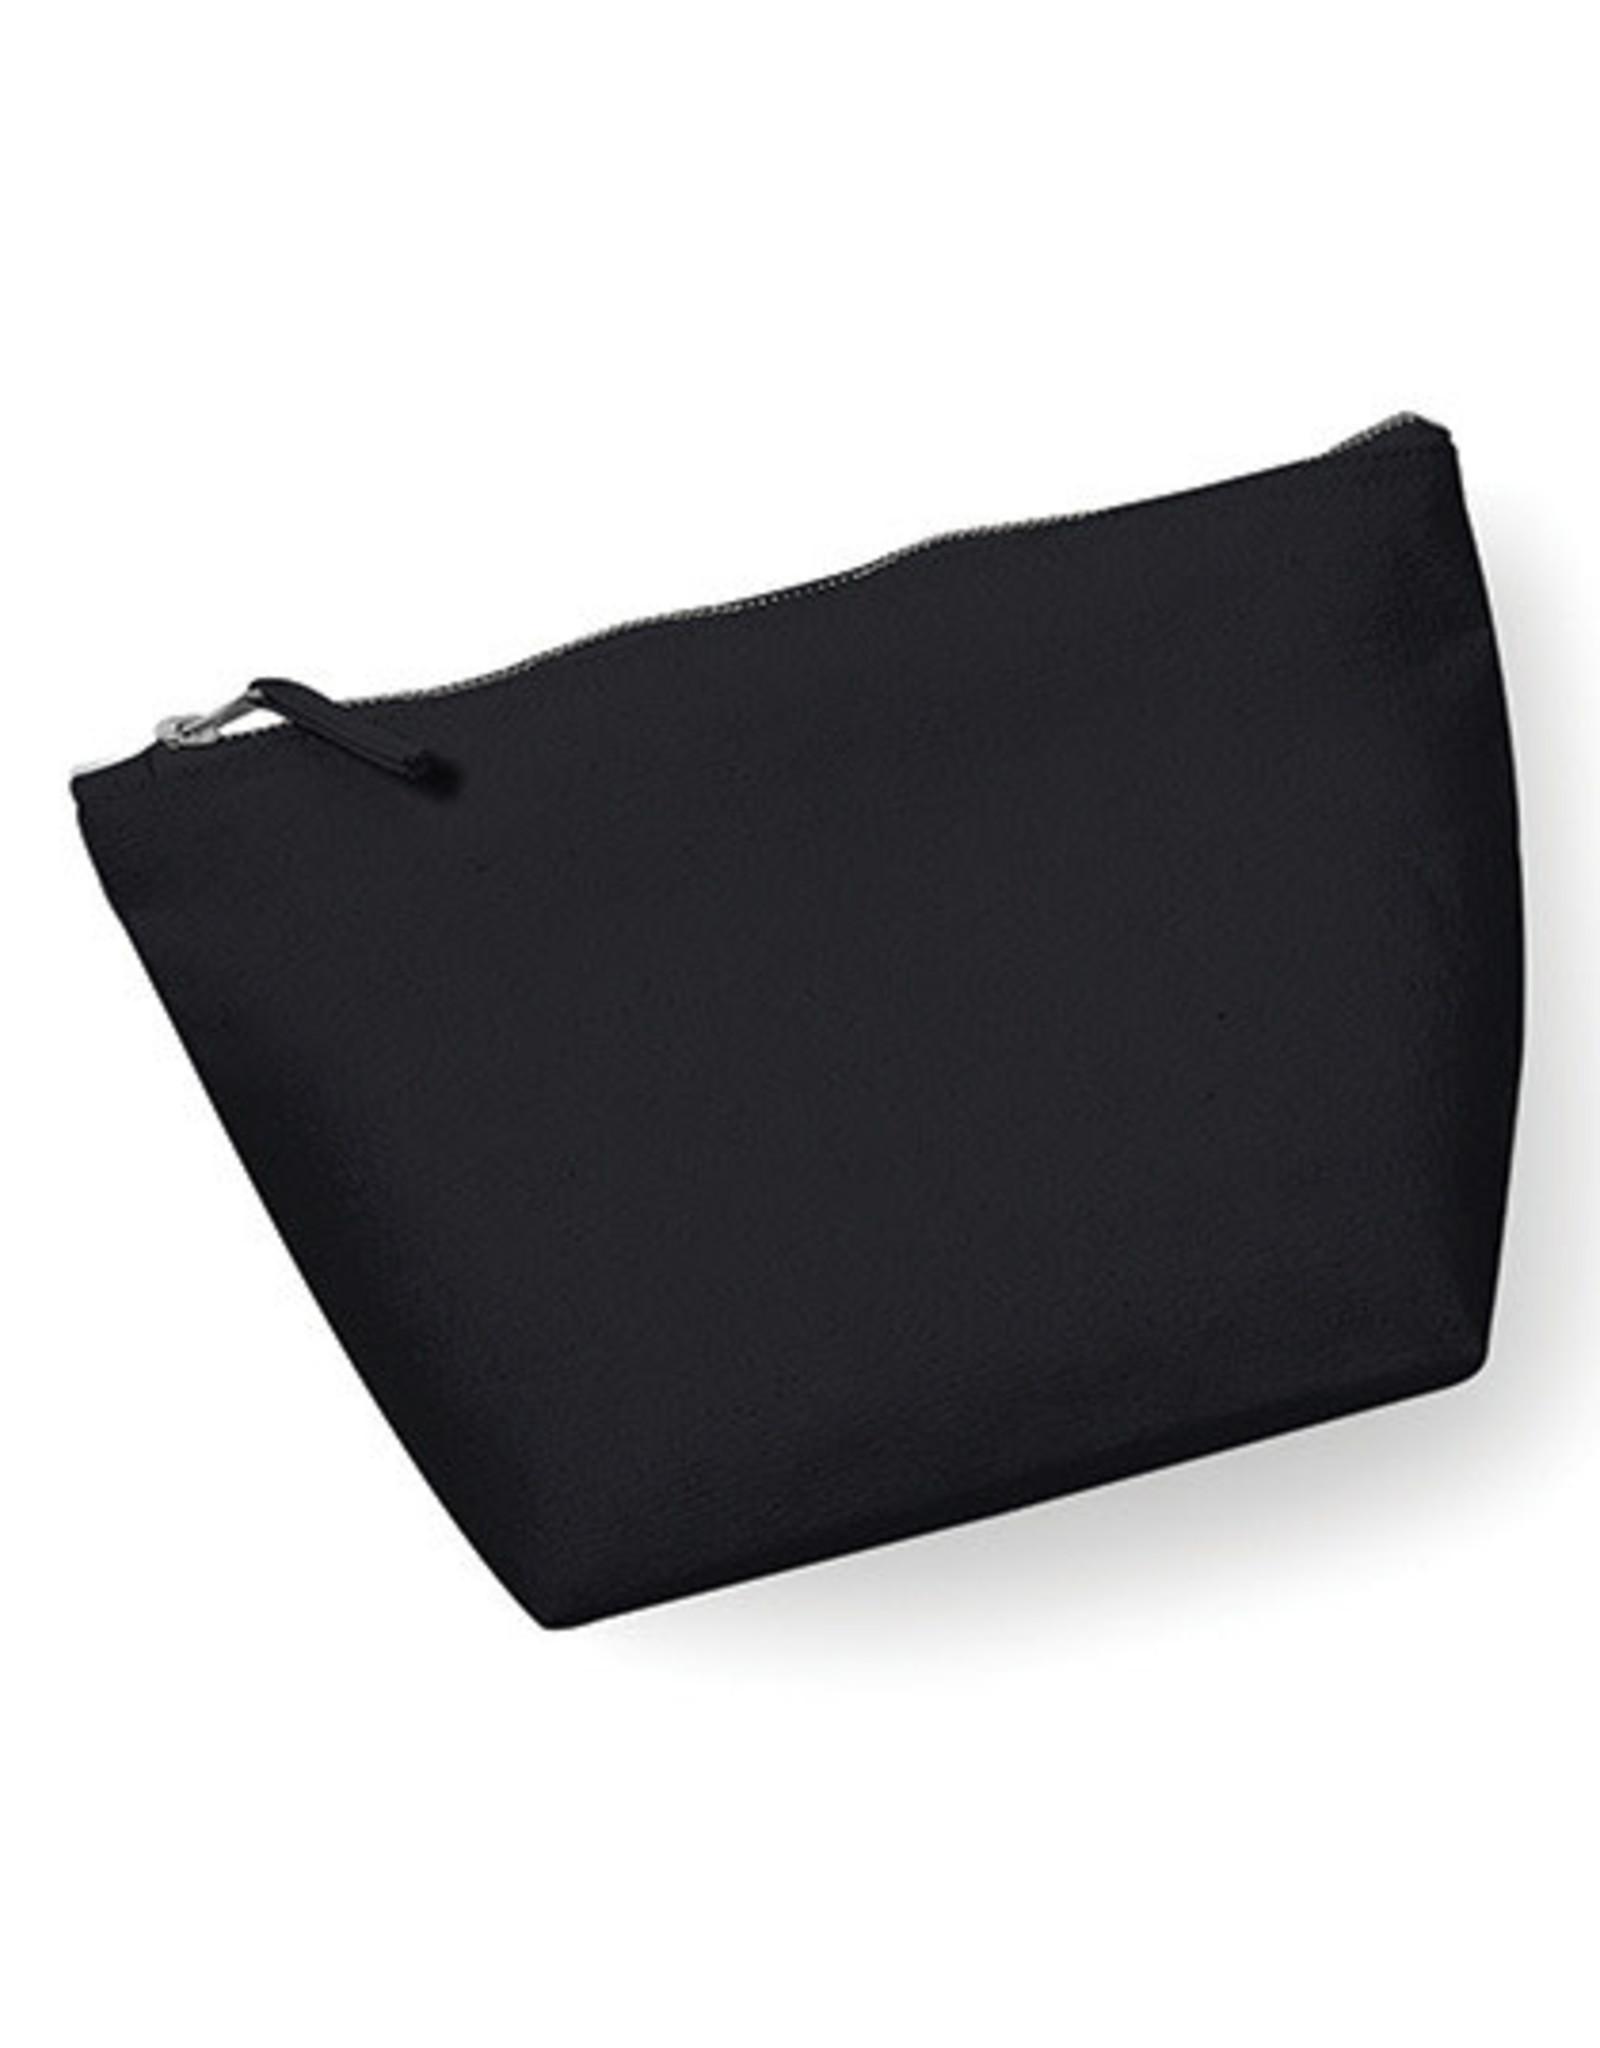 gepersonaliseerde ritstasje met bodem S 13,5 x 12 x 6 cm zwart